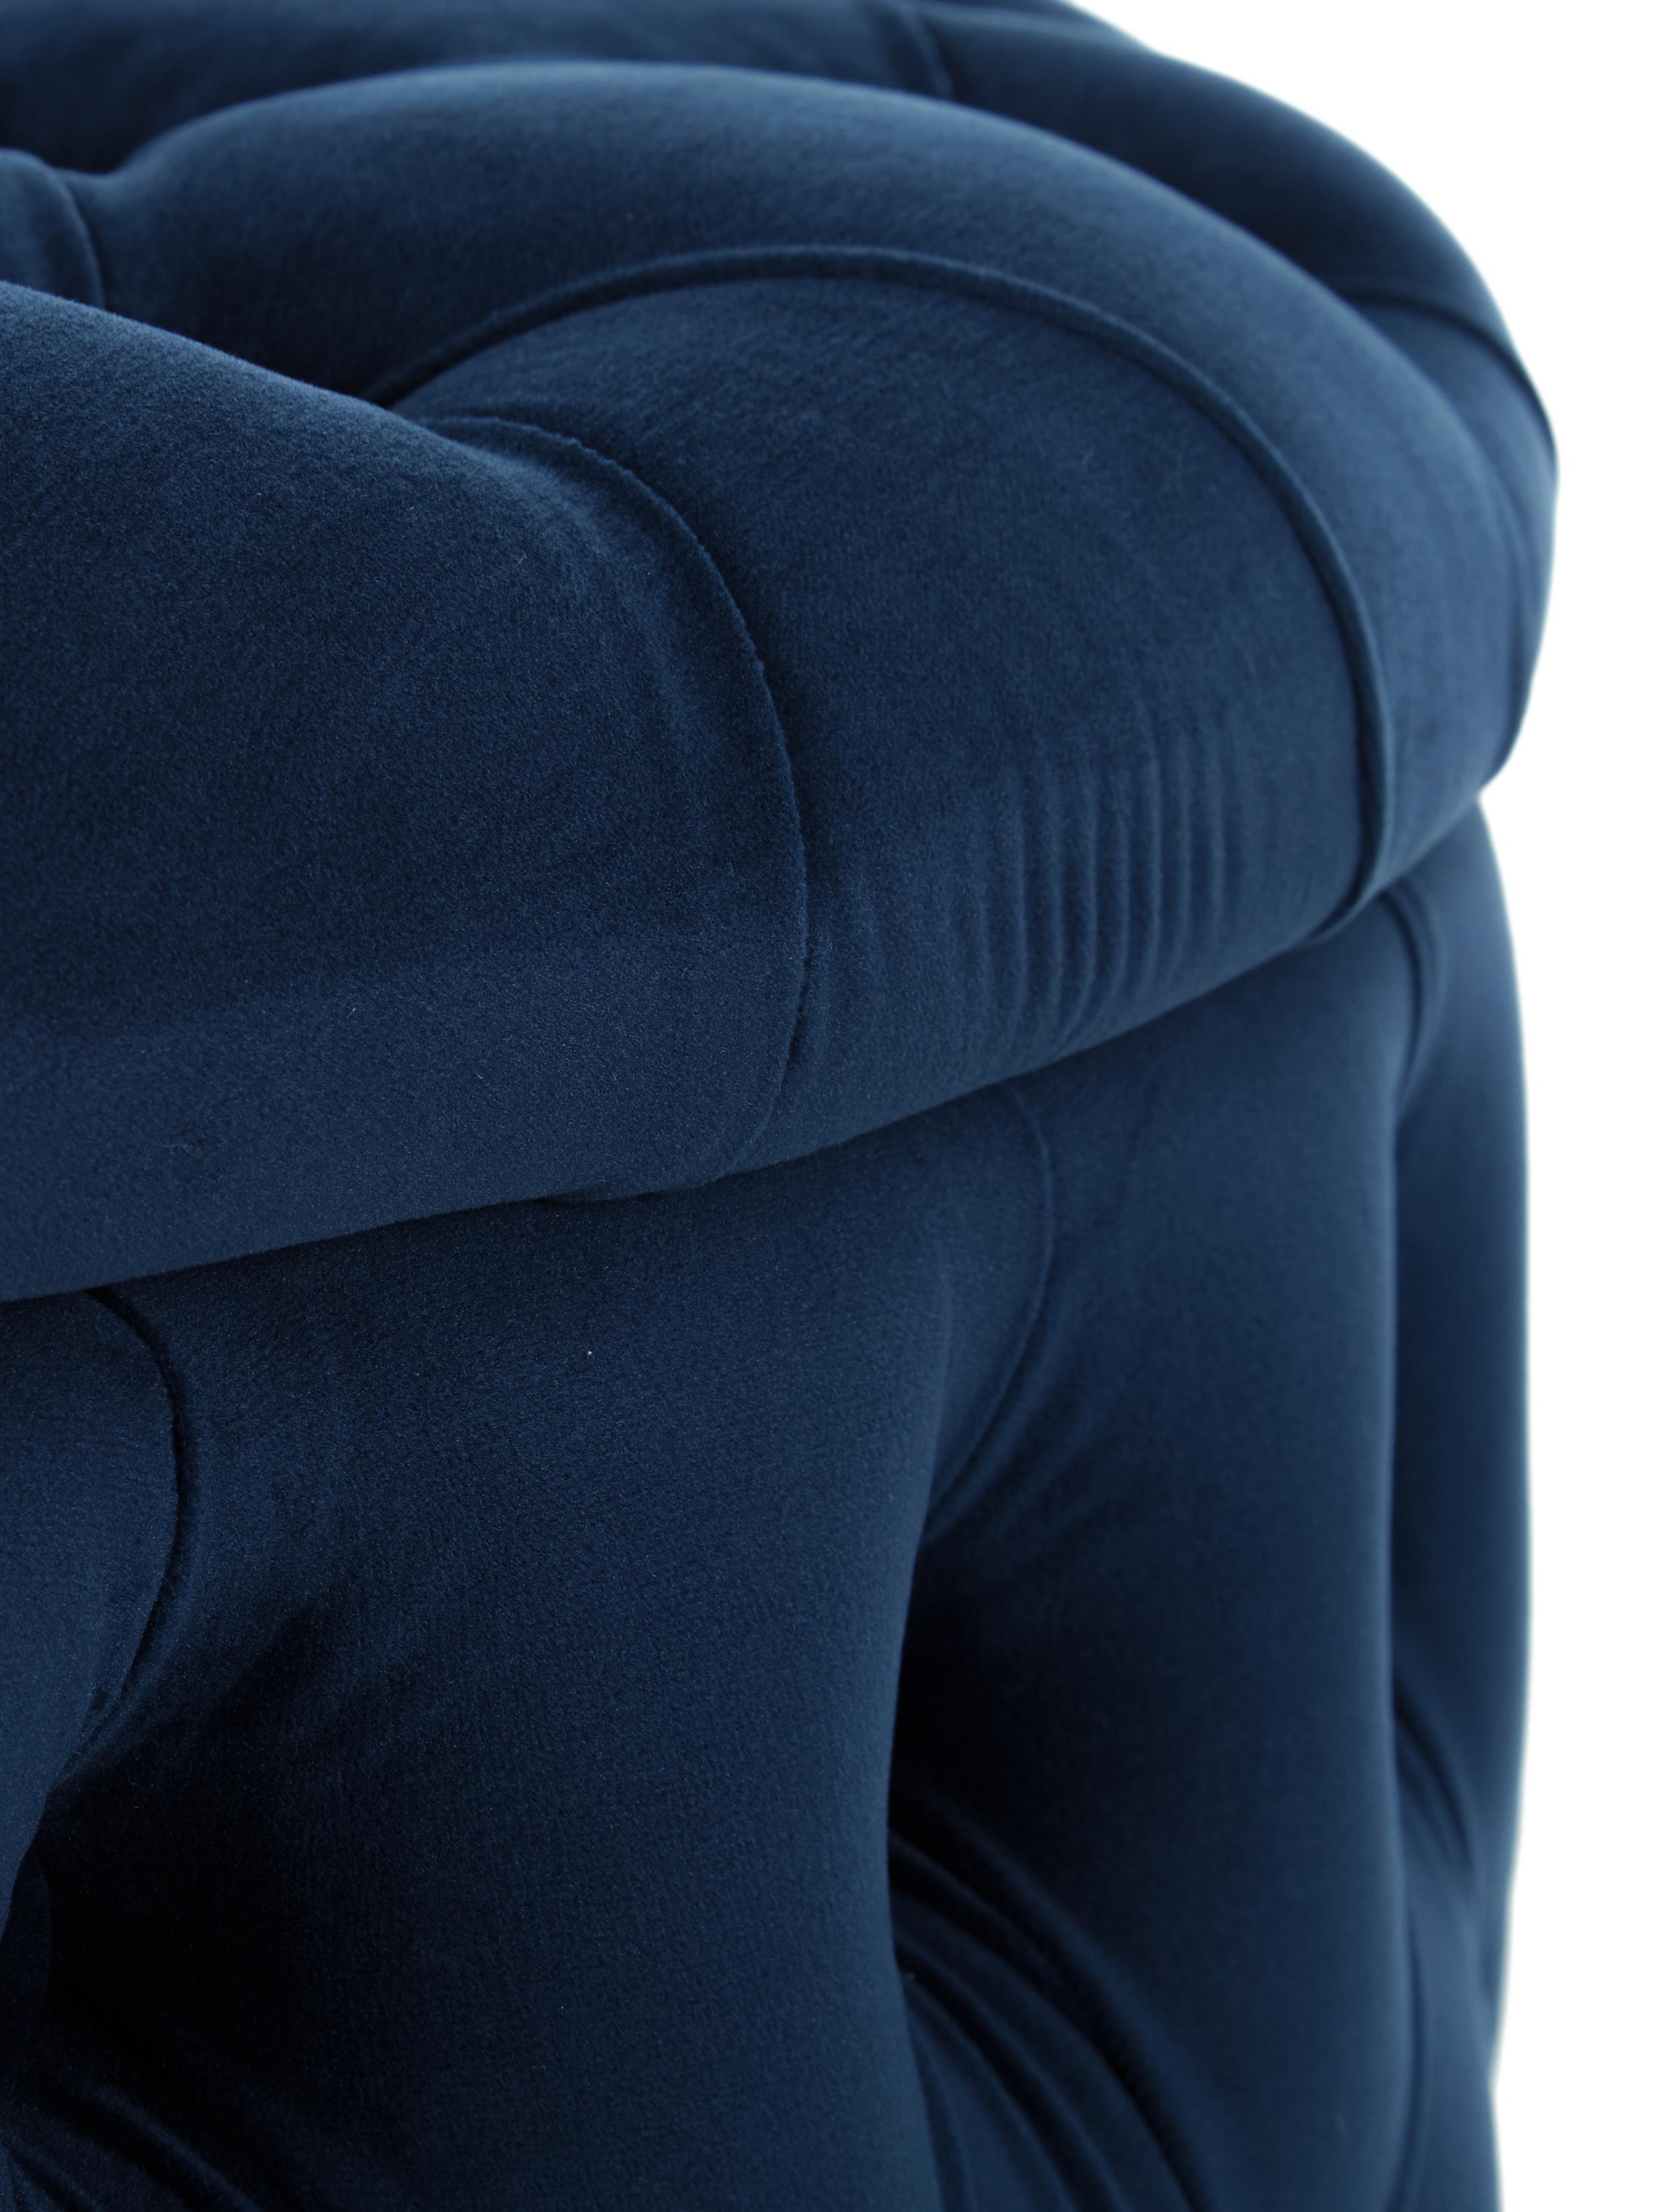 Puf z aksamitu z miejscem do przechowywania XL Chiara, Tapicerka: aksamit (poliester) 20 00, Korpus: drewno eukaliptusowe, Niebieski, ∅ 70 x W 42 cm